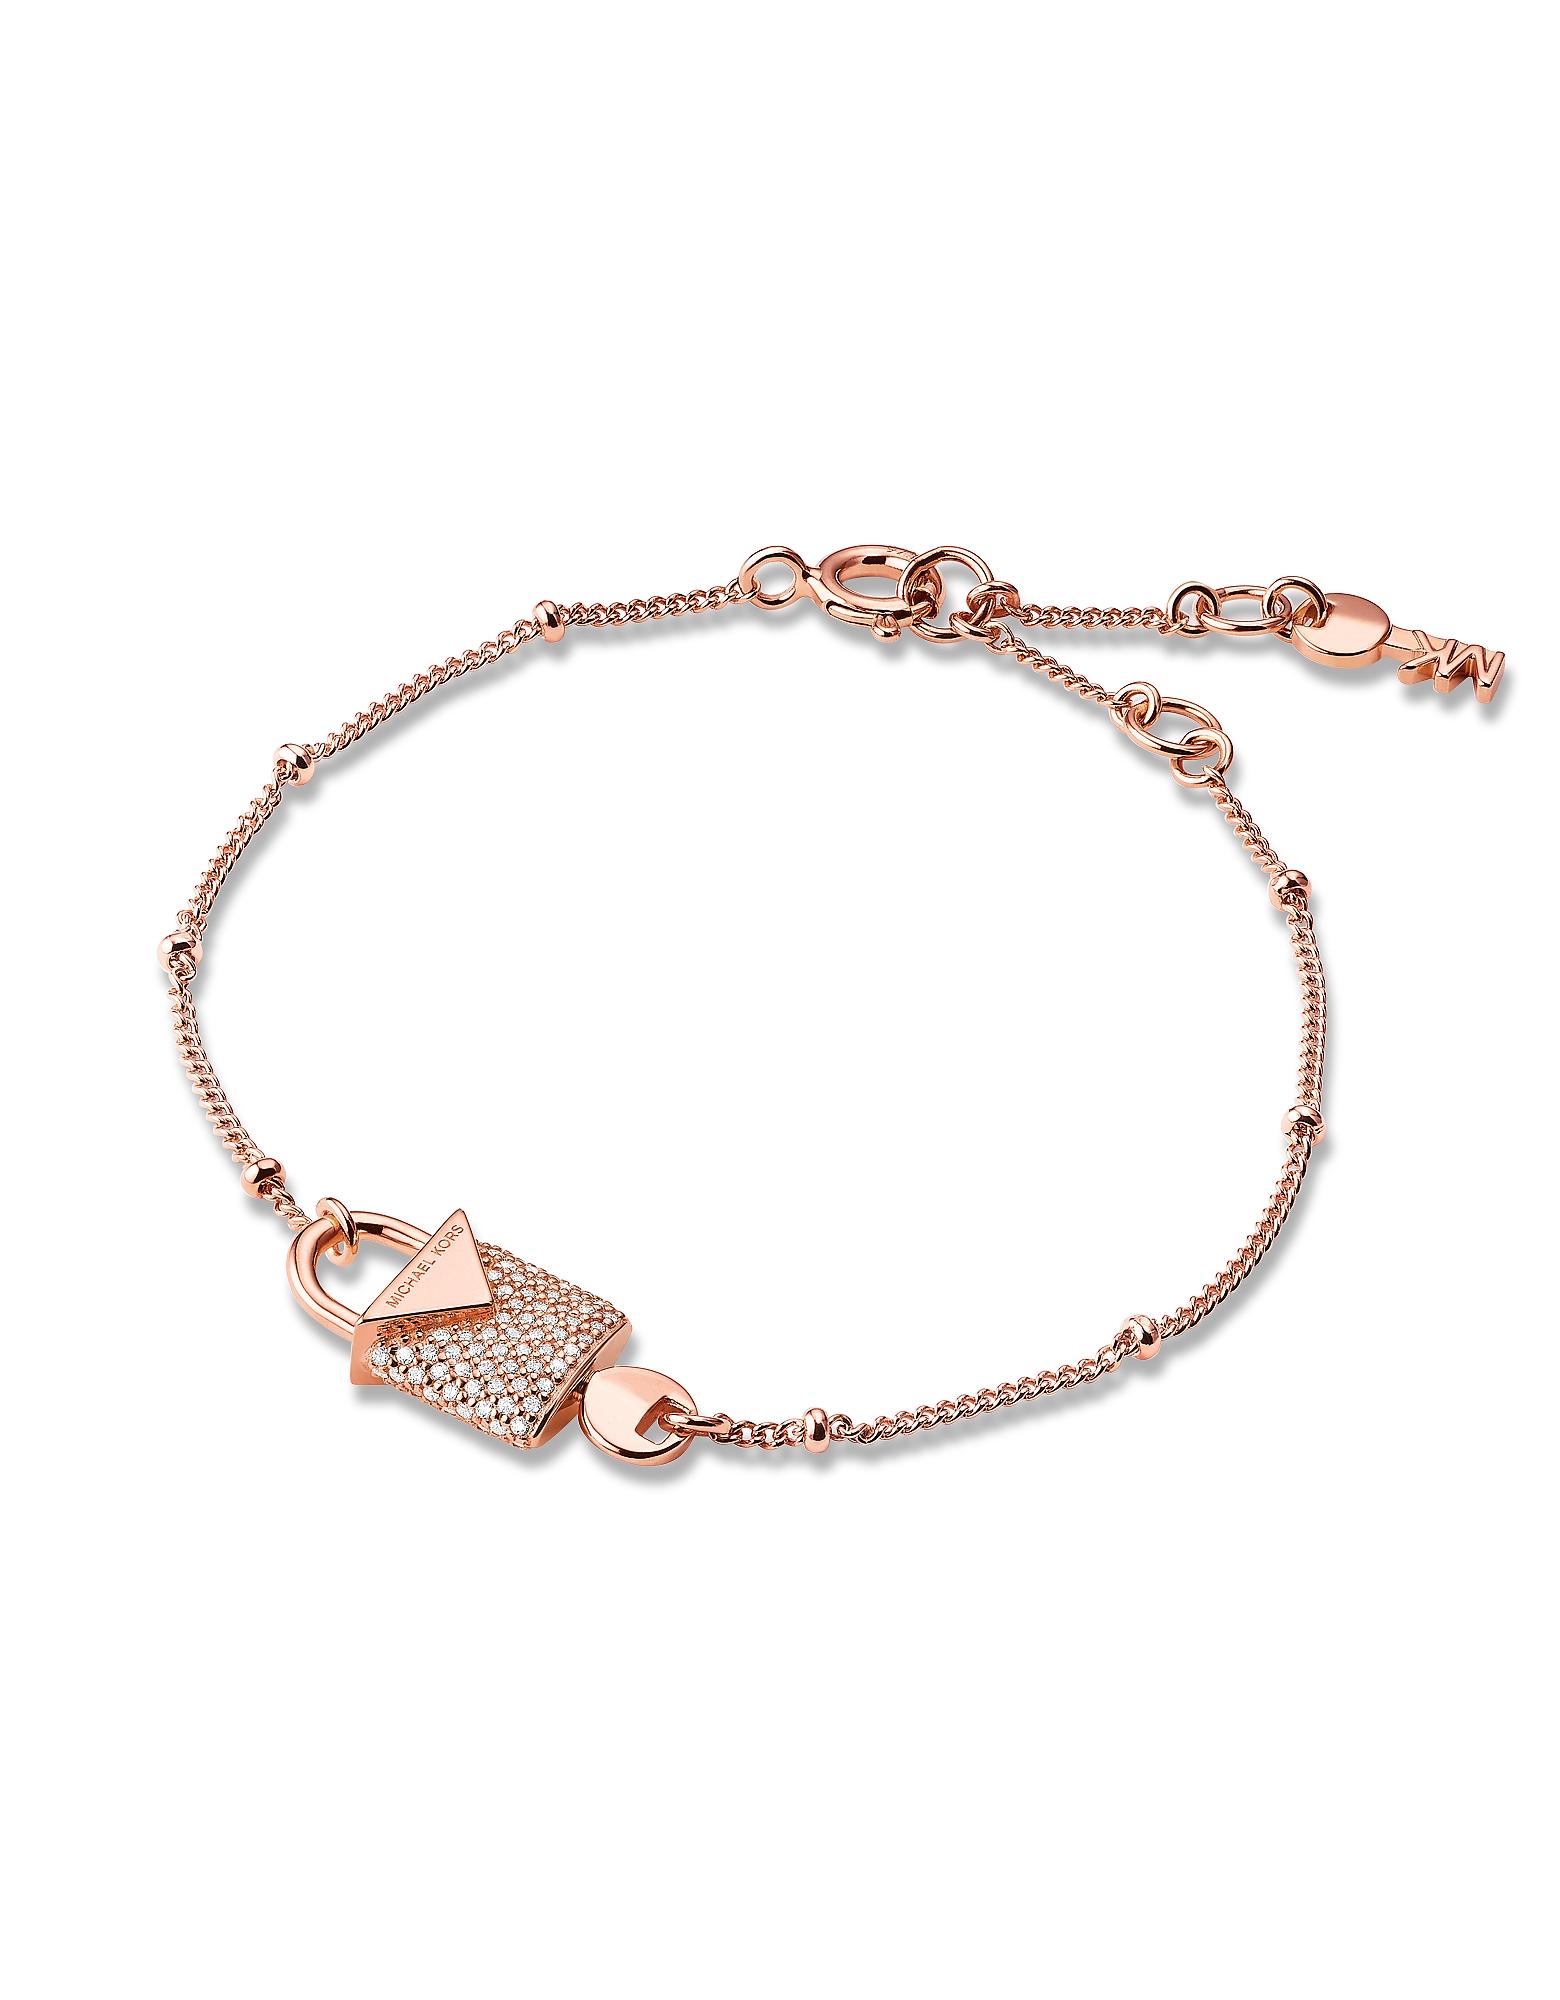 MICHAEL KORS | розовое золото Kors - Женский Браслет Оттенка Розового Золота с Замком и Паве | Clouty